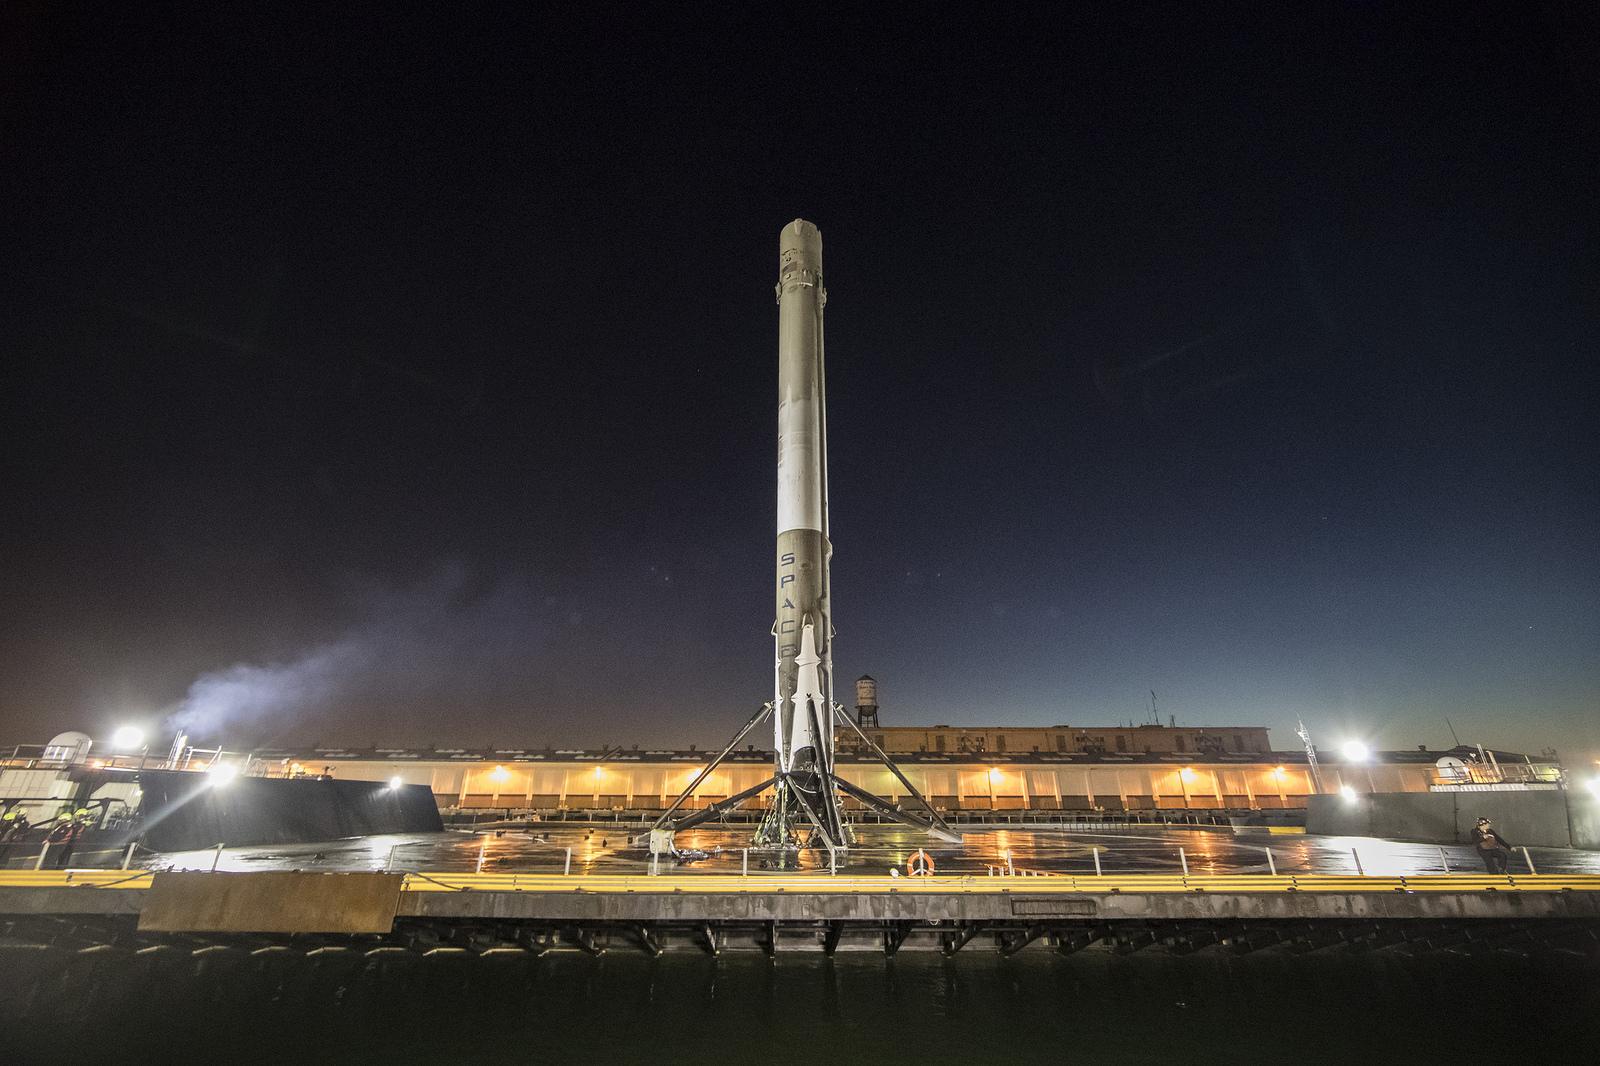 SpaceX logra la hazaña de aterrizar su cohete Falcon 9 en una plataforma marítima ubicada en el Océano Atlántico